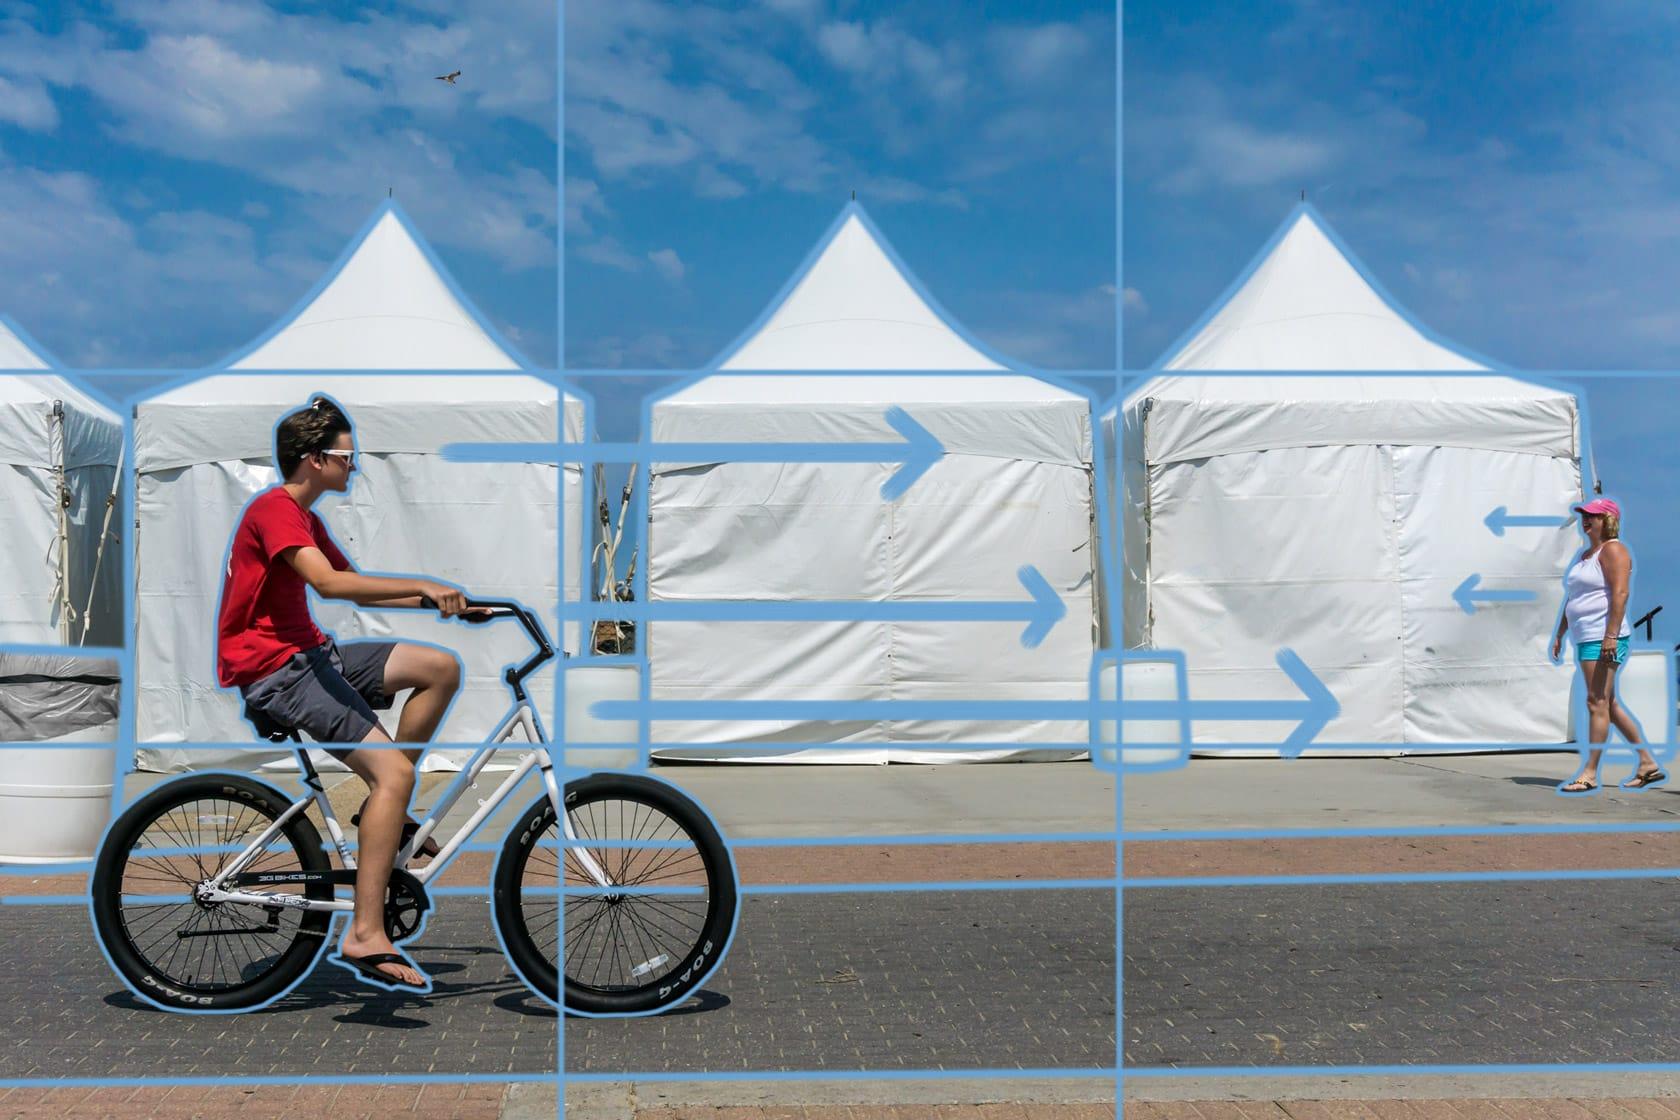 'Boardwalk Biker' by Michael Schmitt annotated